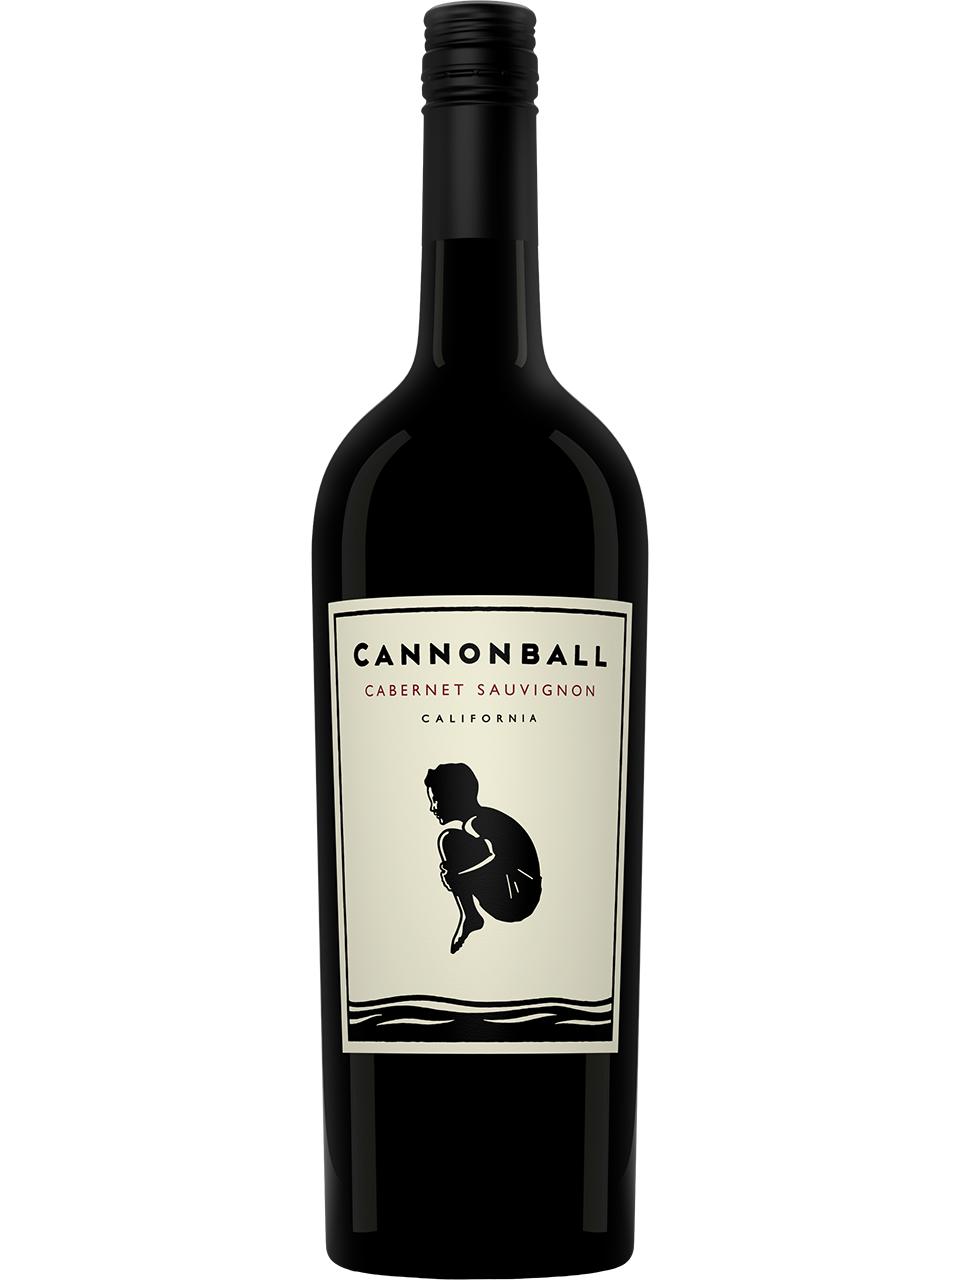 Cannonball Cabernet Sauvignon